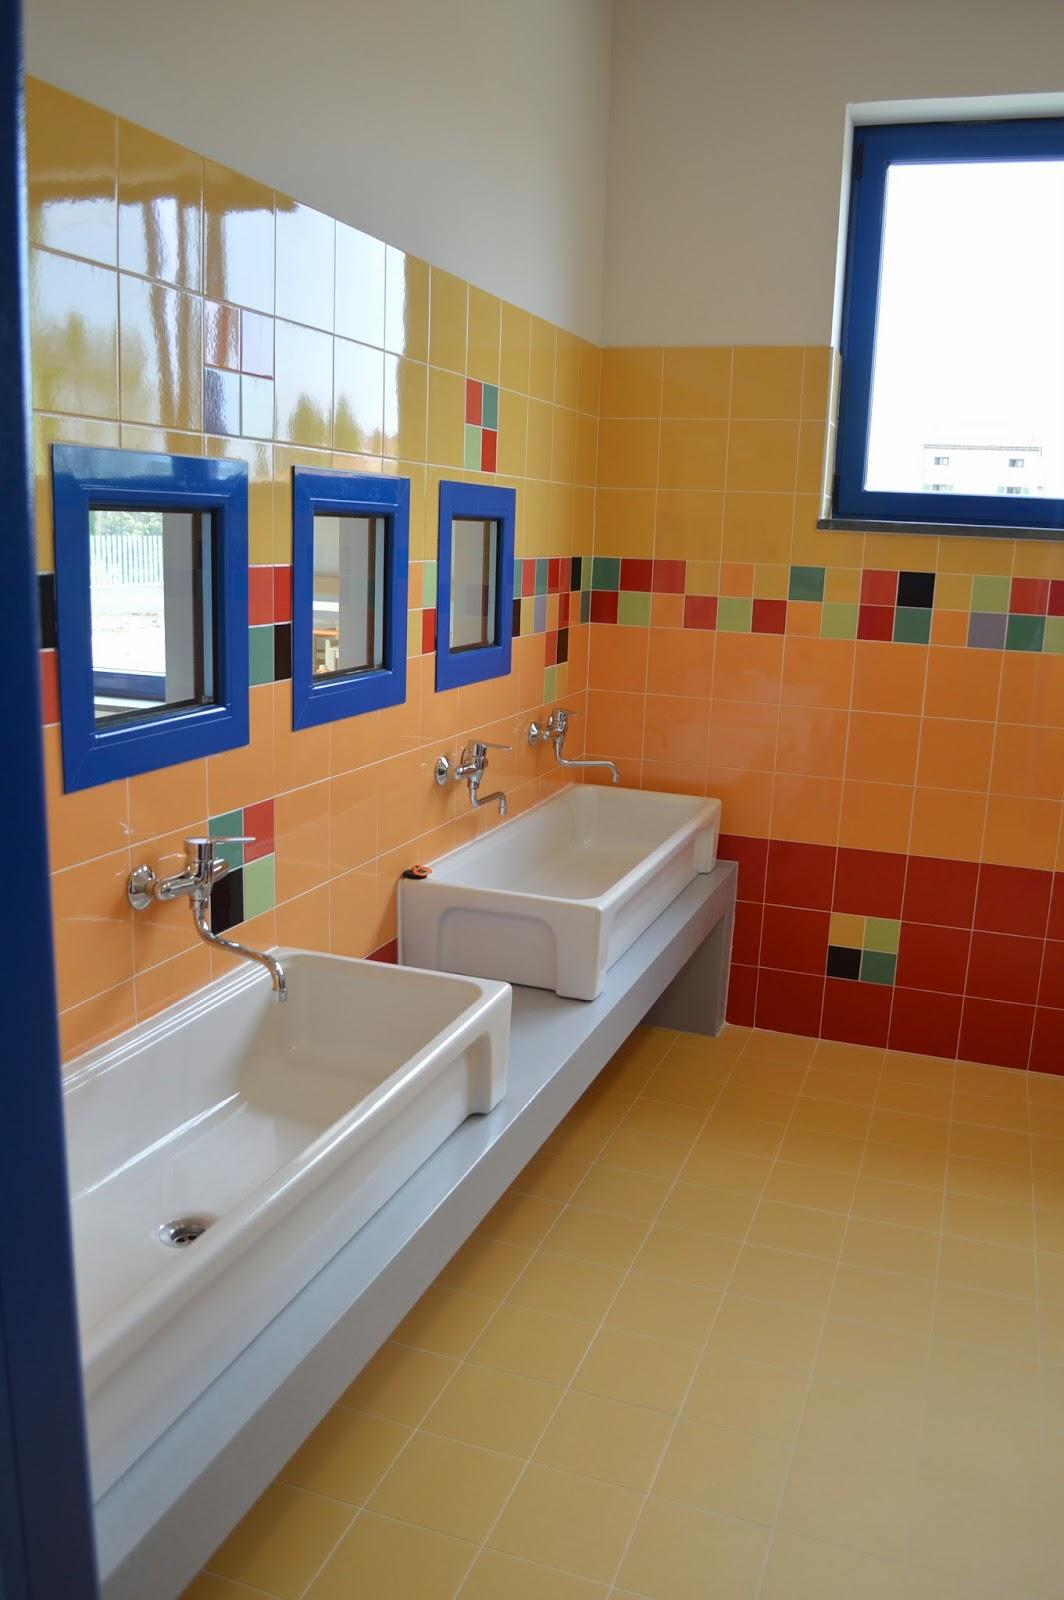 servizi igienici bambini